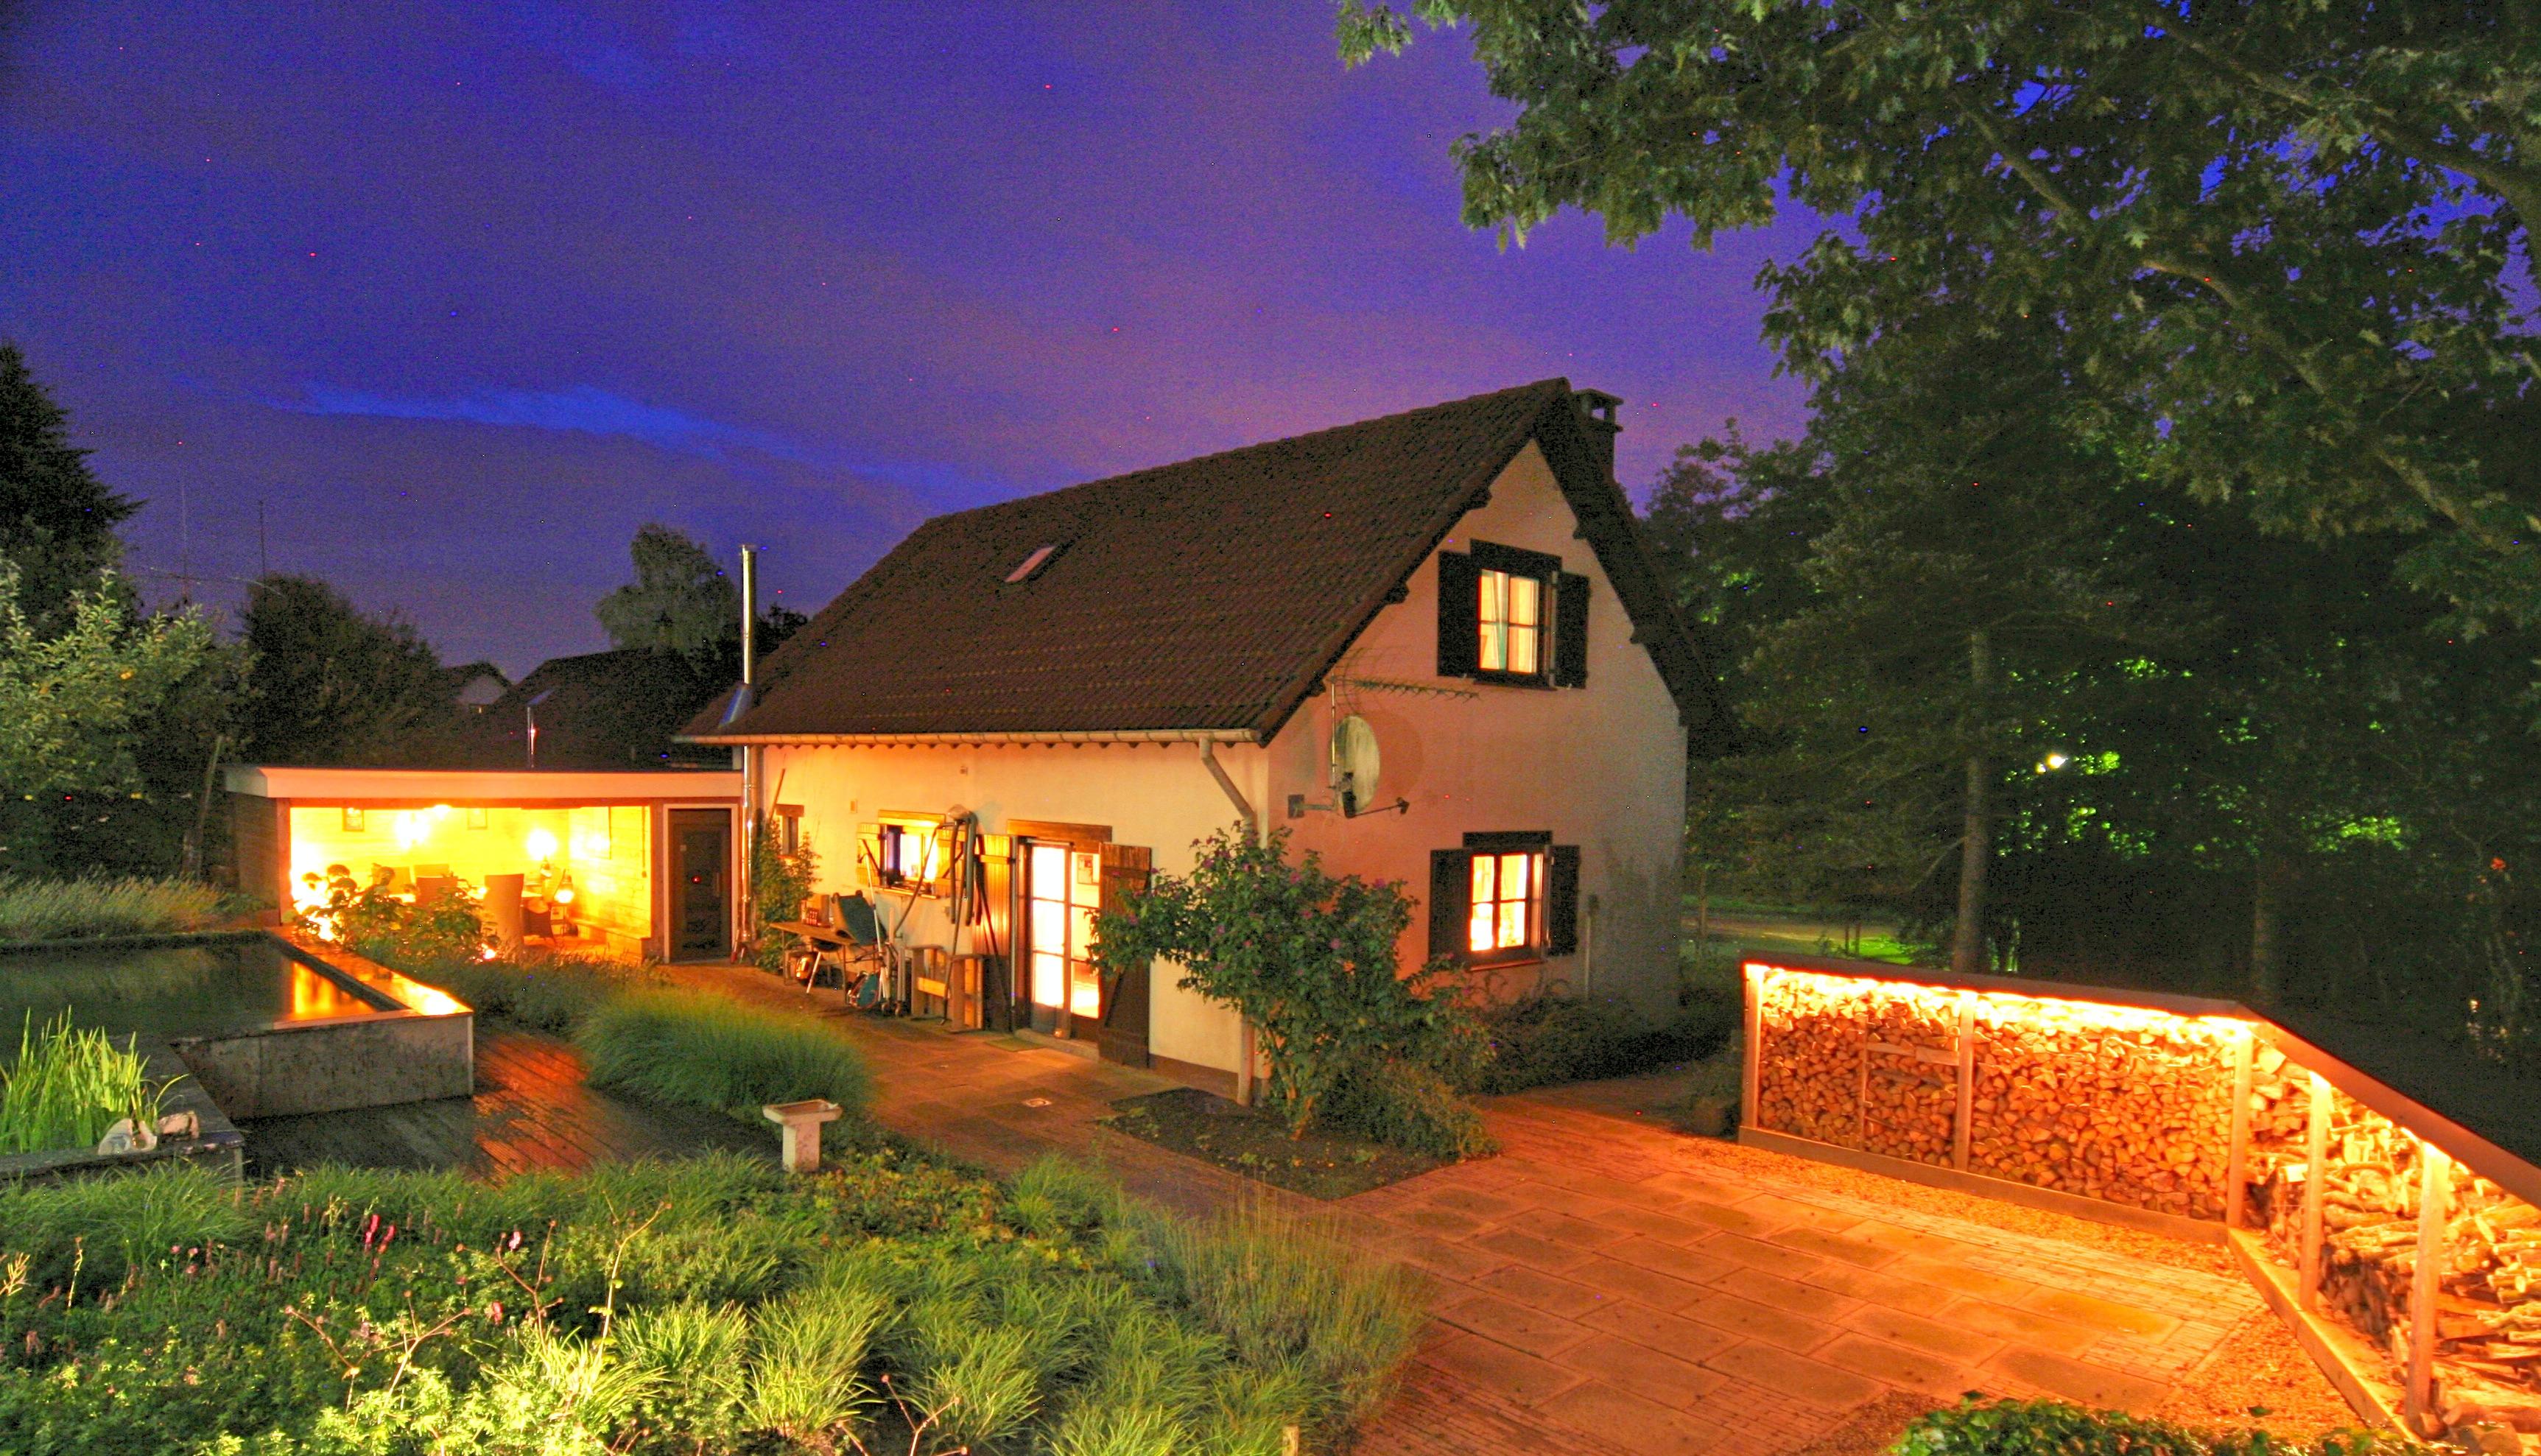 totaal-zicht-huis-avond-verlichting